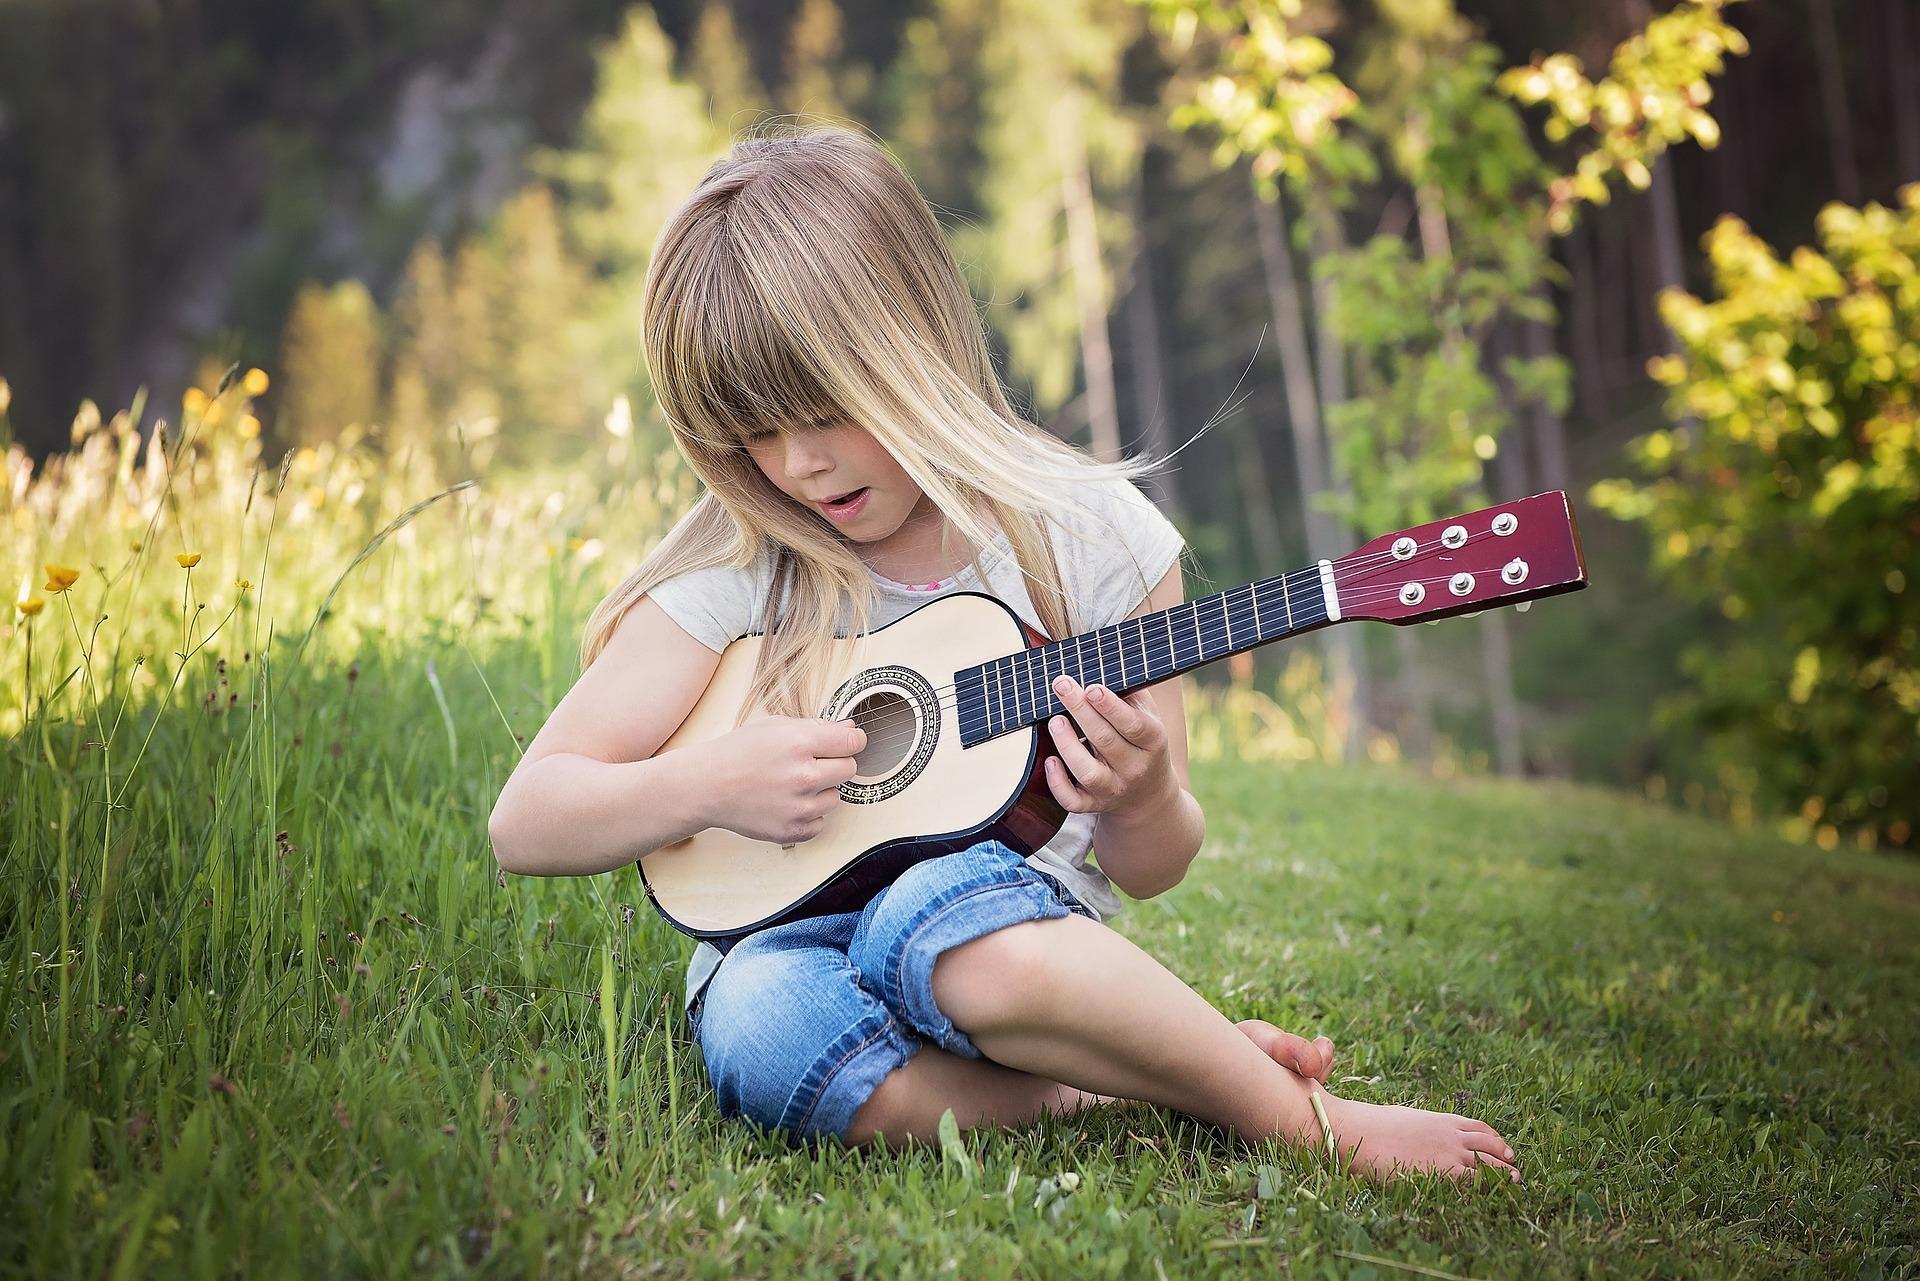 A importância da iniciação musical na vida de uma criança